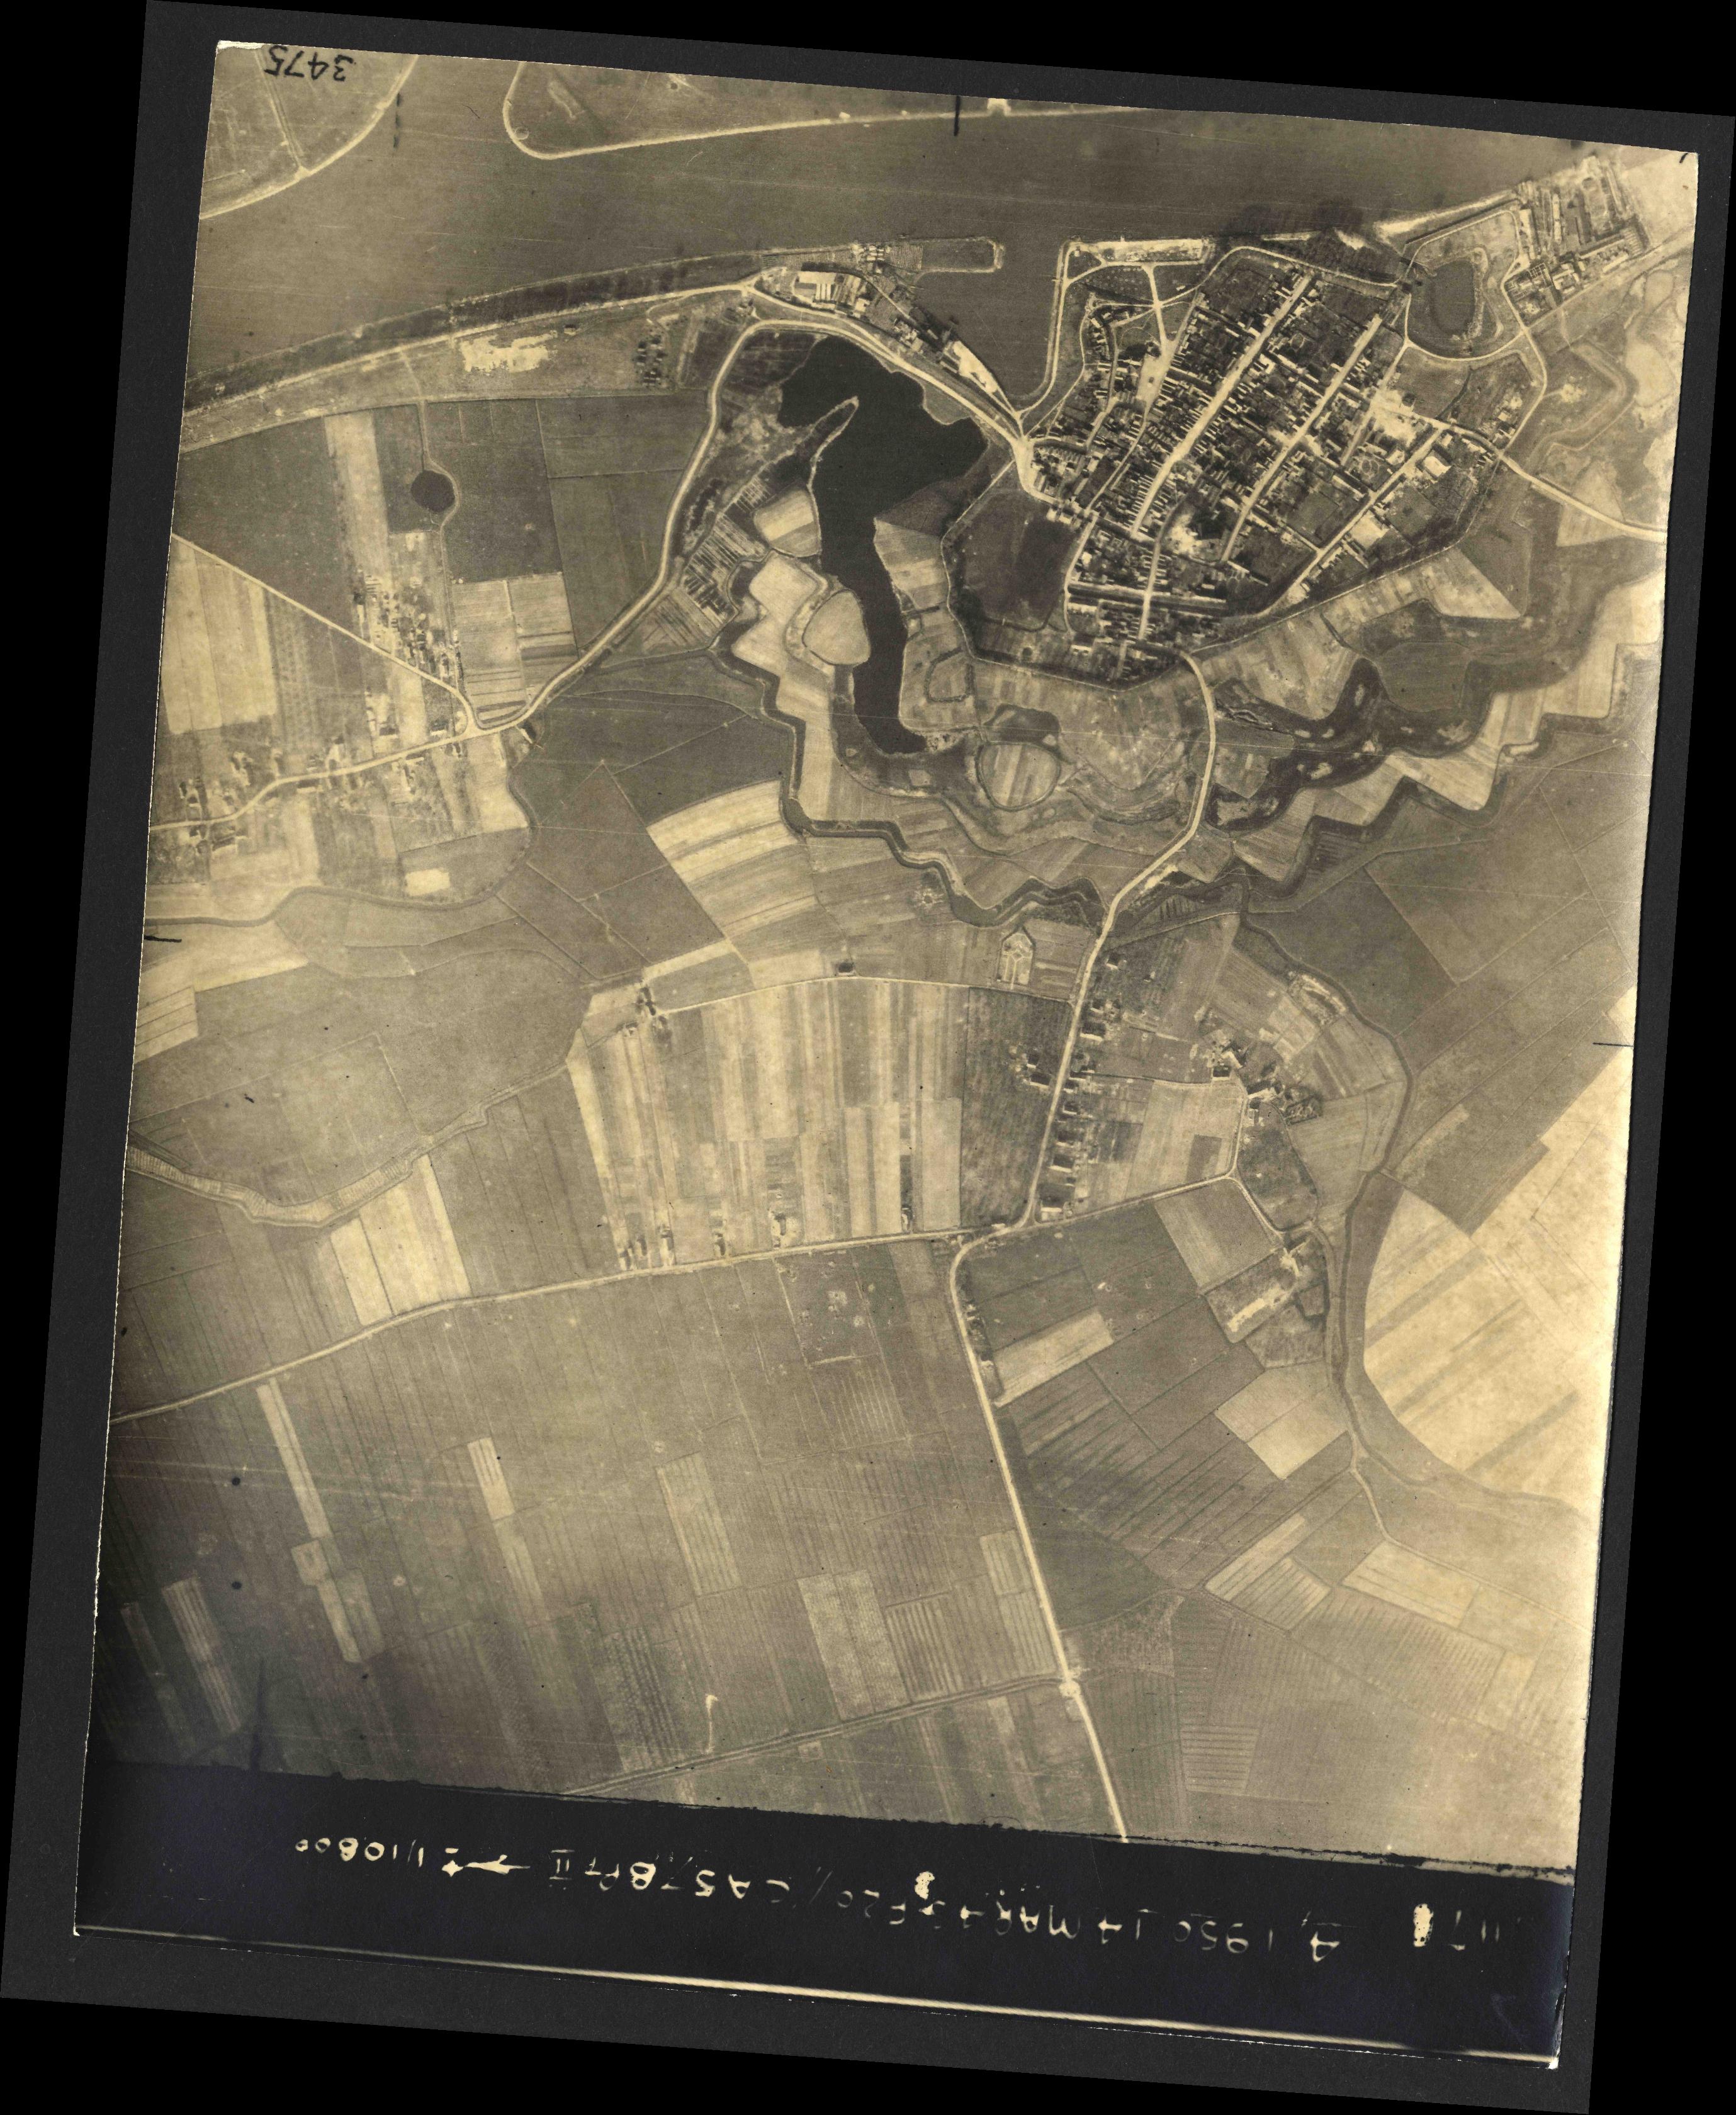 Collection RAF aerial photos 1940-1945 - flight 010, run 07, photo 3076